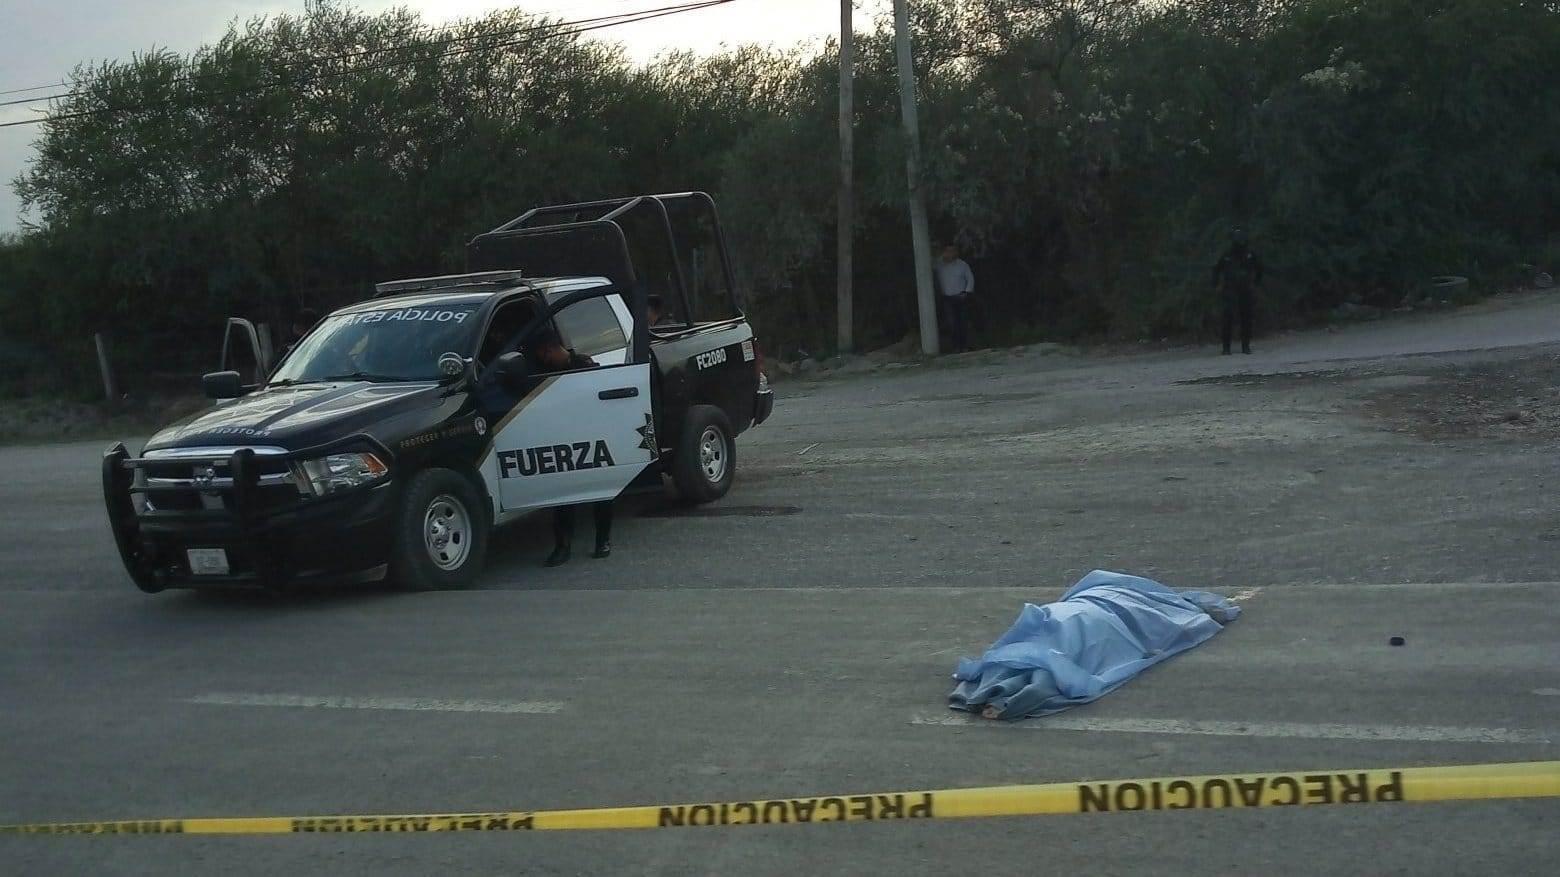 La mujer murió al derrapara el vehículo tras recibir un aparente cerró